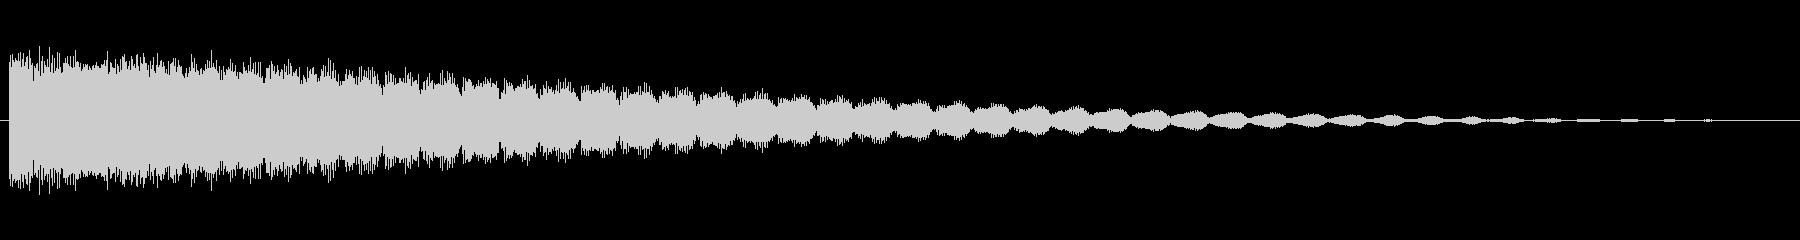 素材 スティンガーハム01の未再生の波形